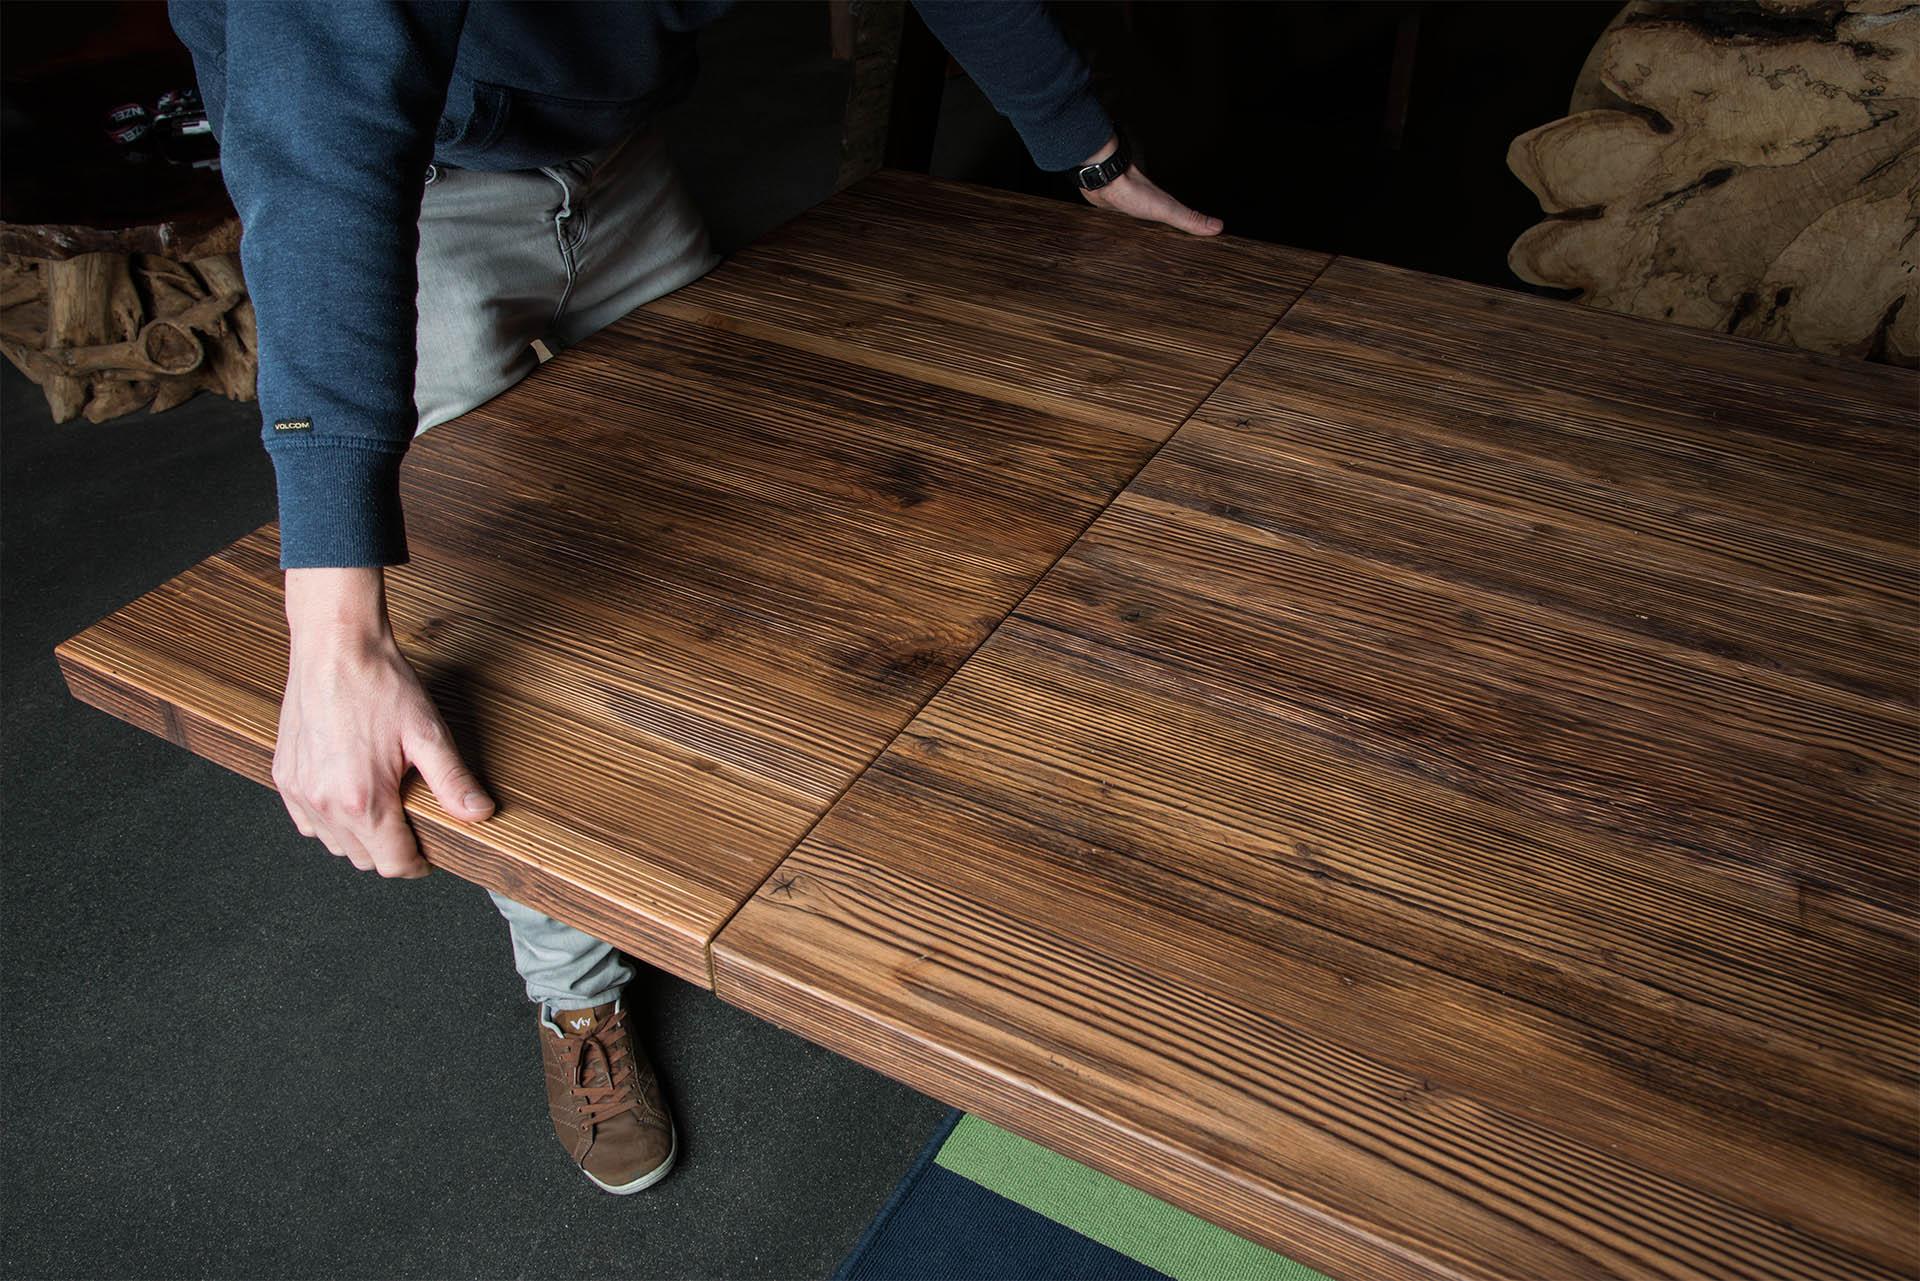 tischverl ngerung und ansteckplatten f r holztische und betontische. Black Bedroom Furniture Sets. Home Design Ideas